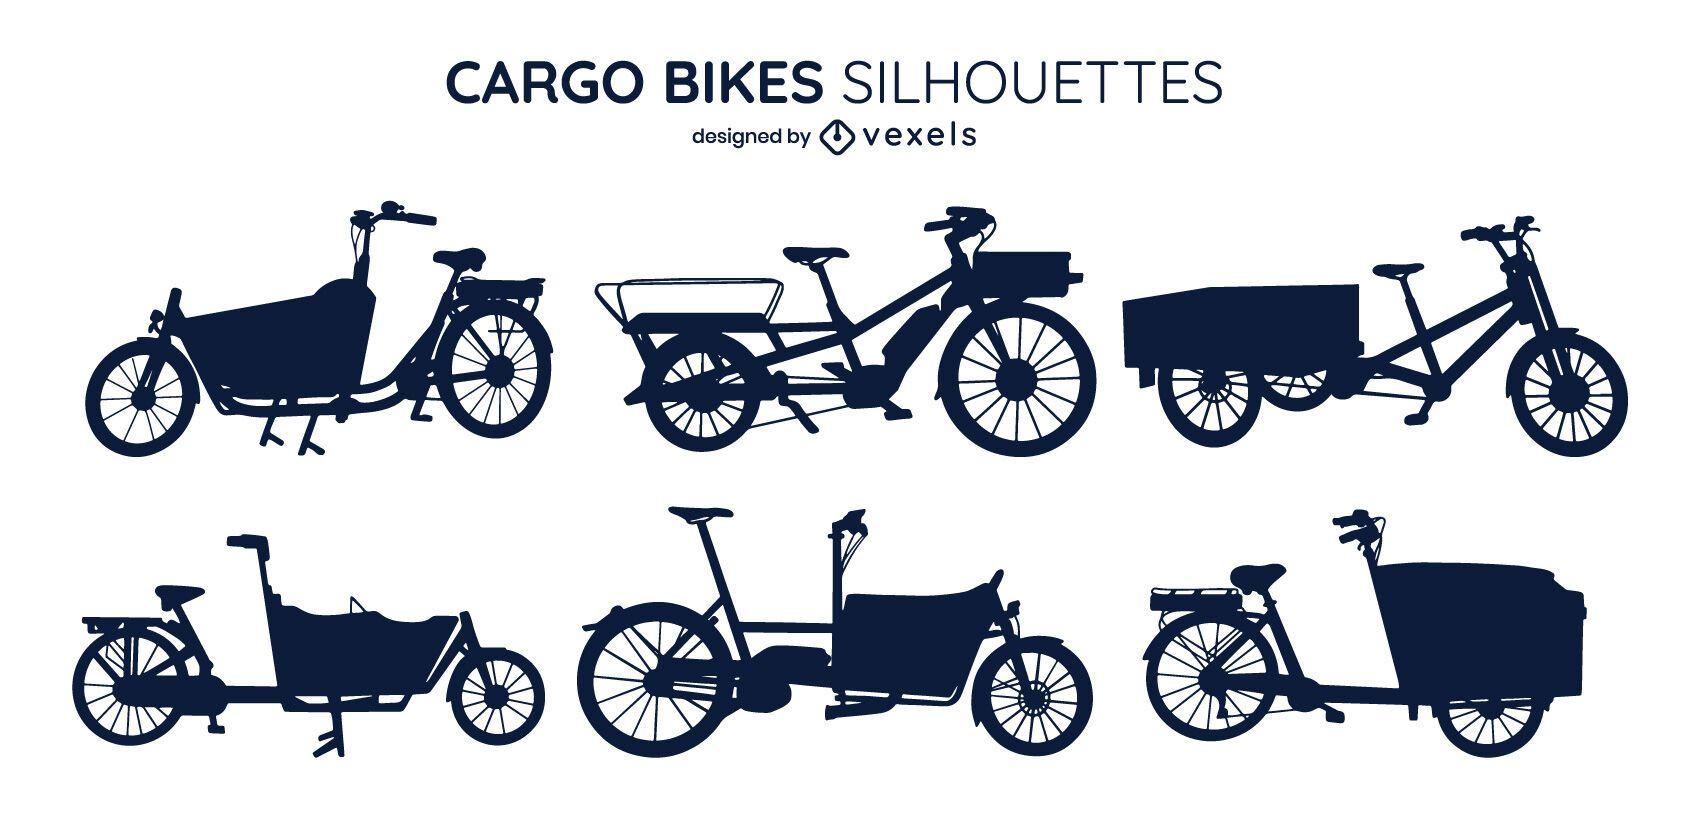 Paquete de silueta de bicicleta de carga